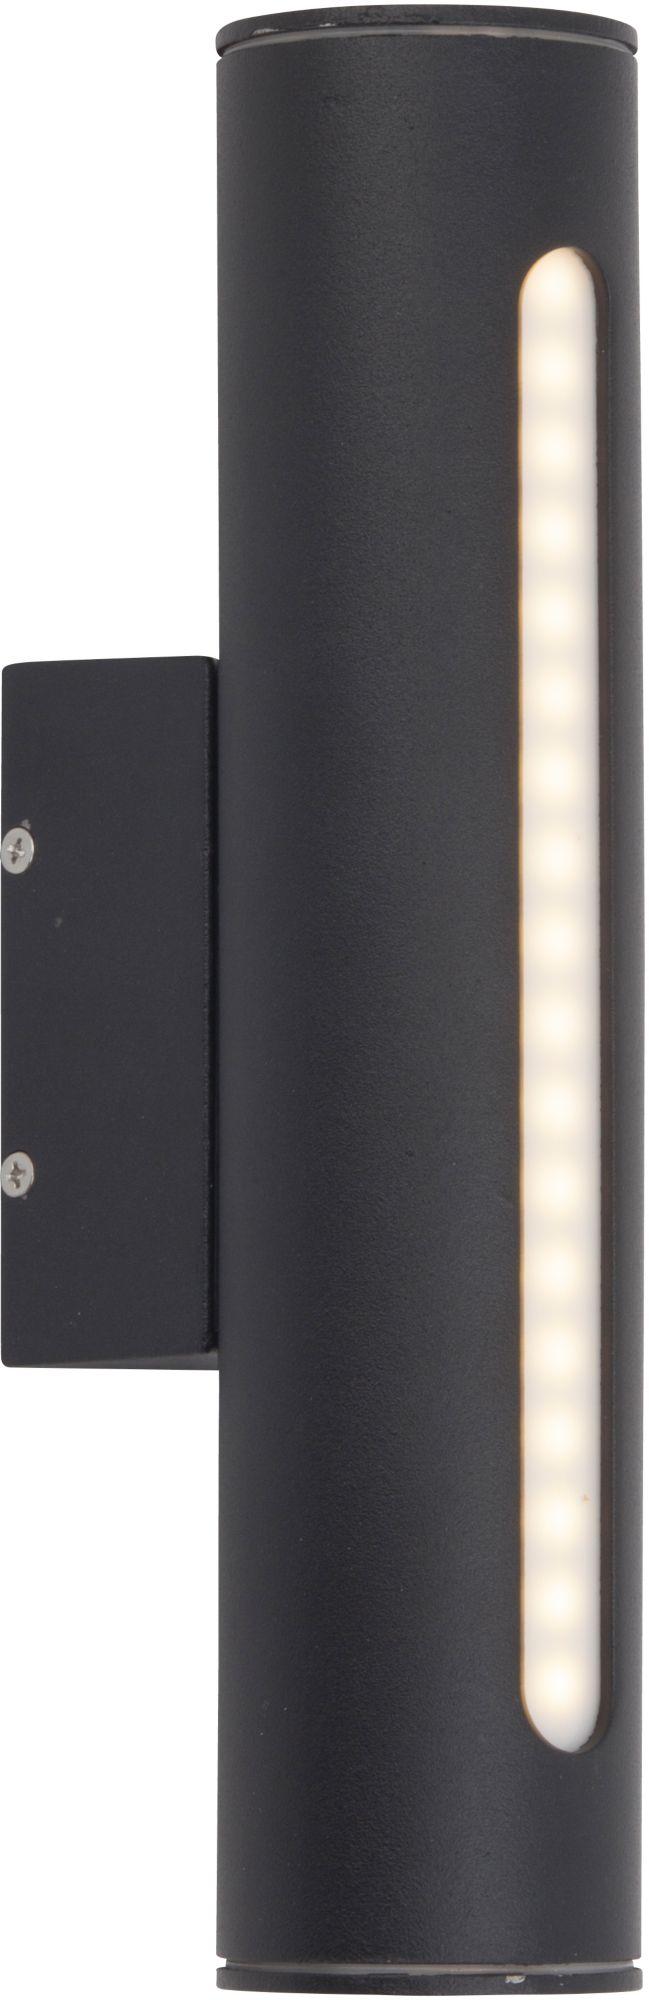 BRILLIANT LEUCHTEN Brilliant LED Außenleuchte, 1 flg., Wandleuchte, »TWIN«